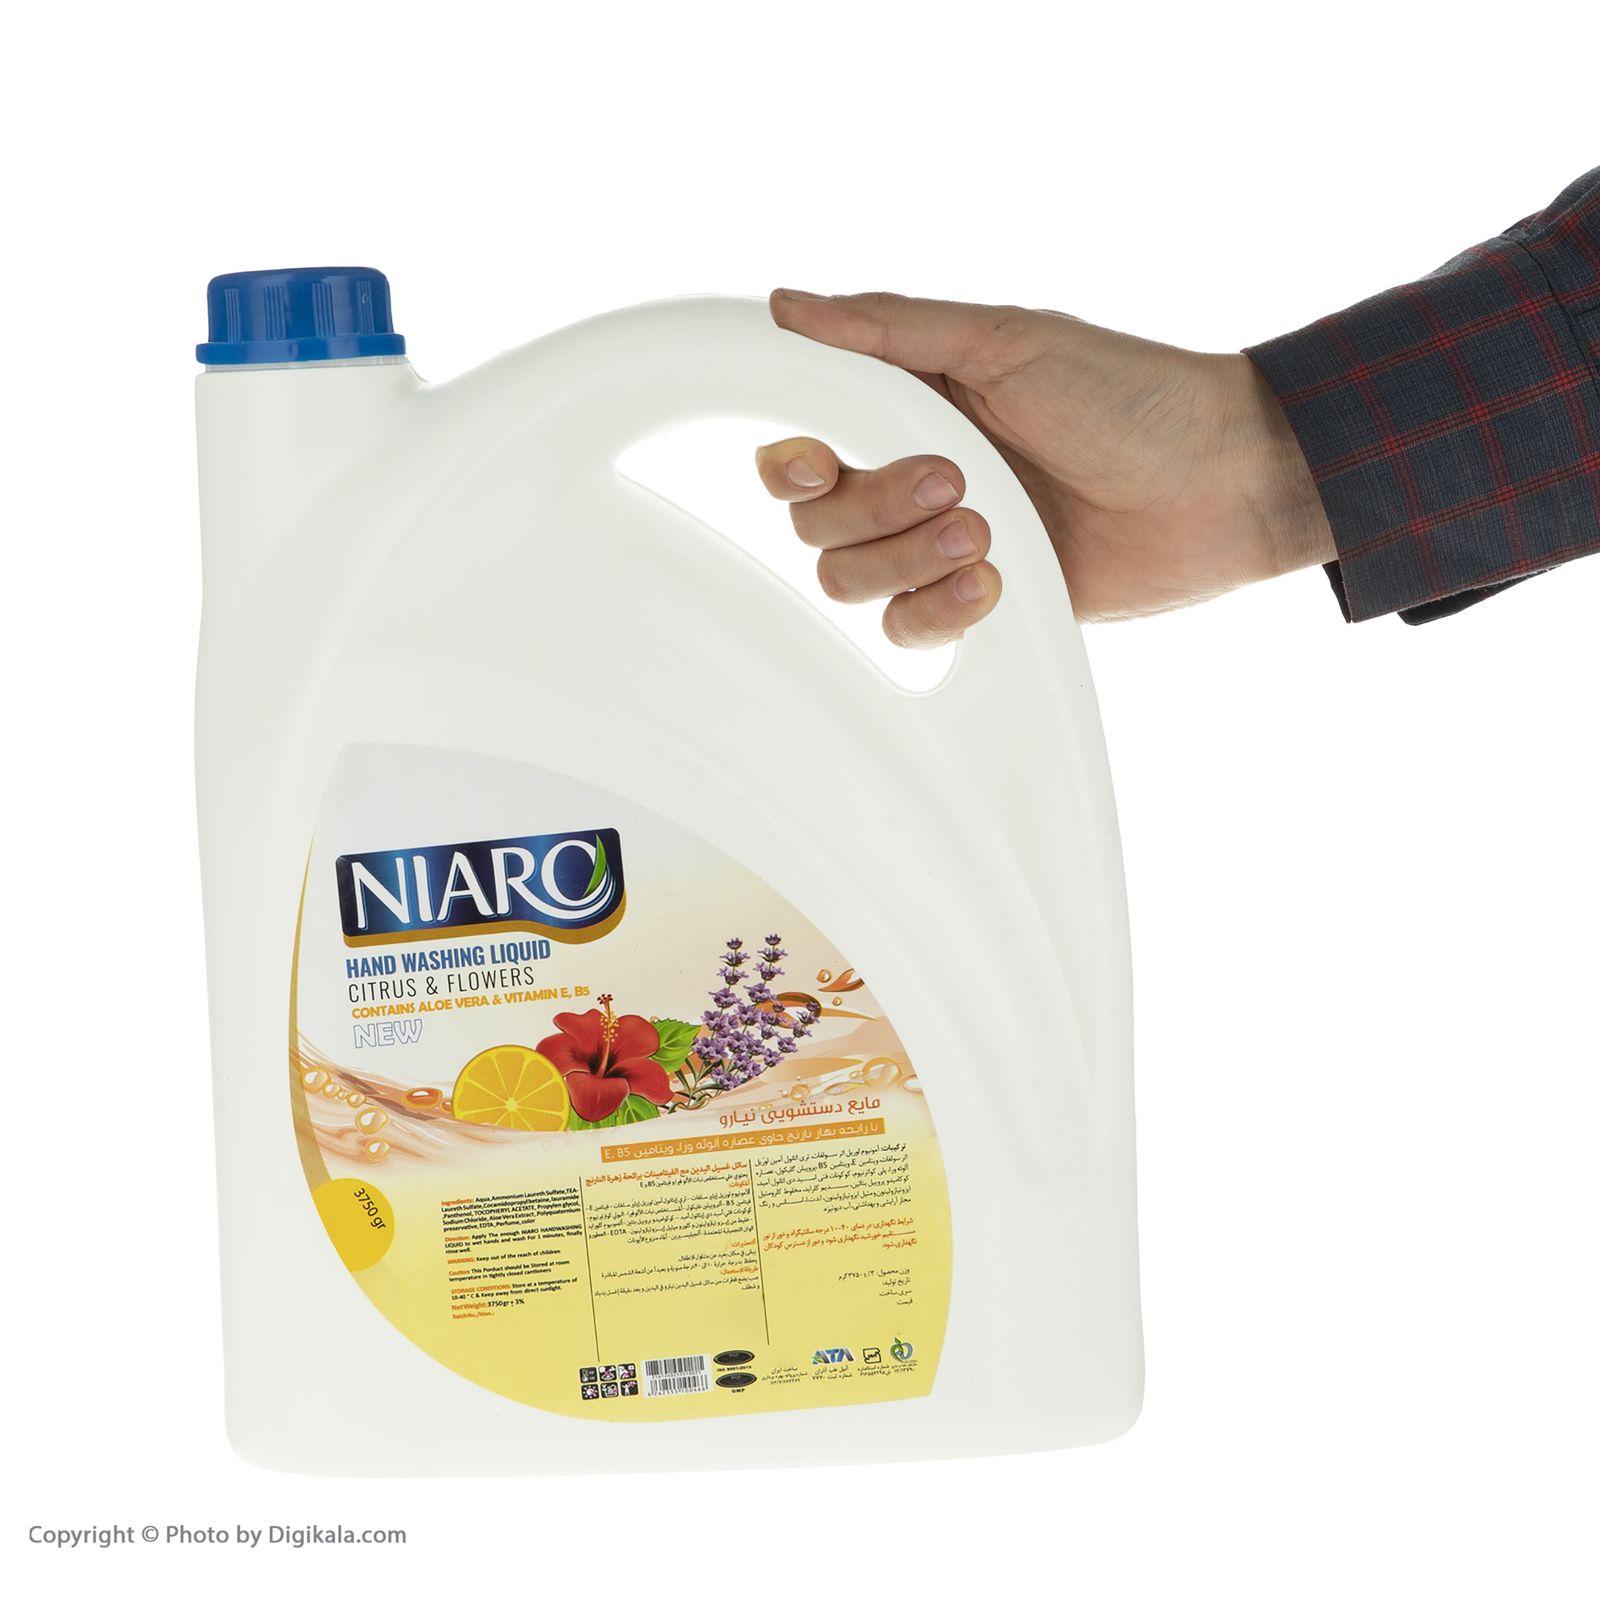 مایع دستشویی نیارو مدل Orange blossom مقدار 3.75 کیلوگرم main 1 2